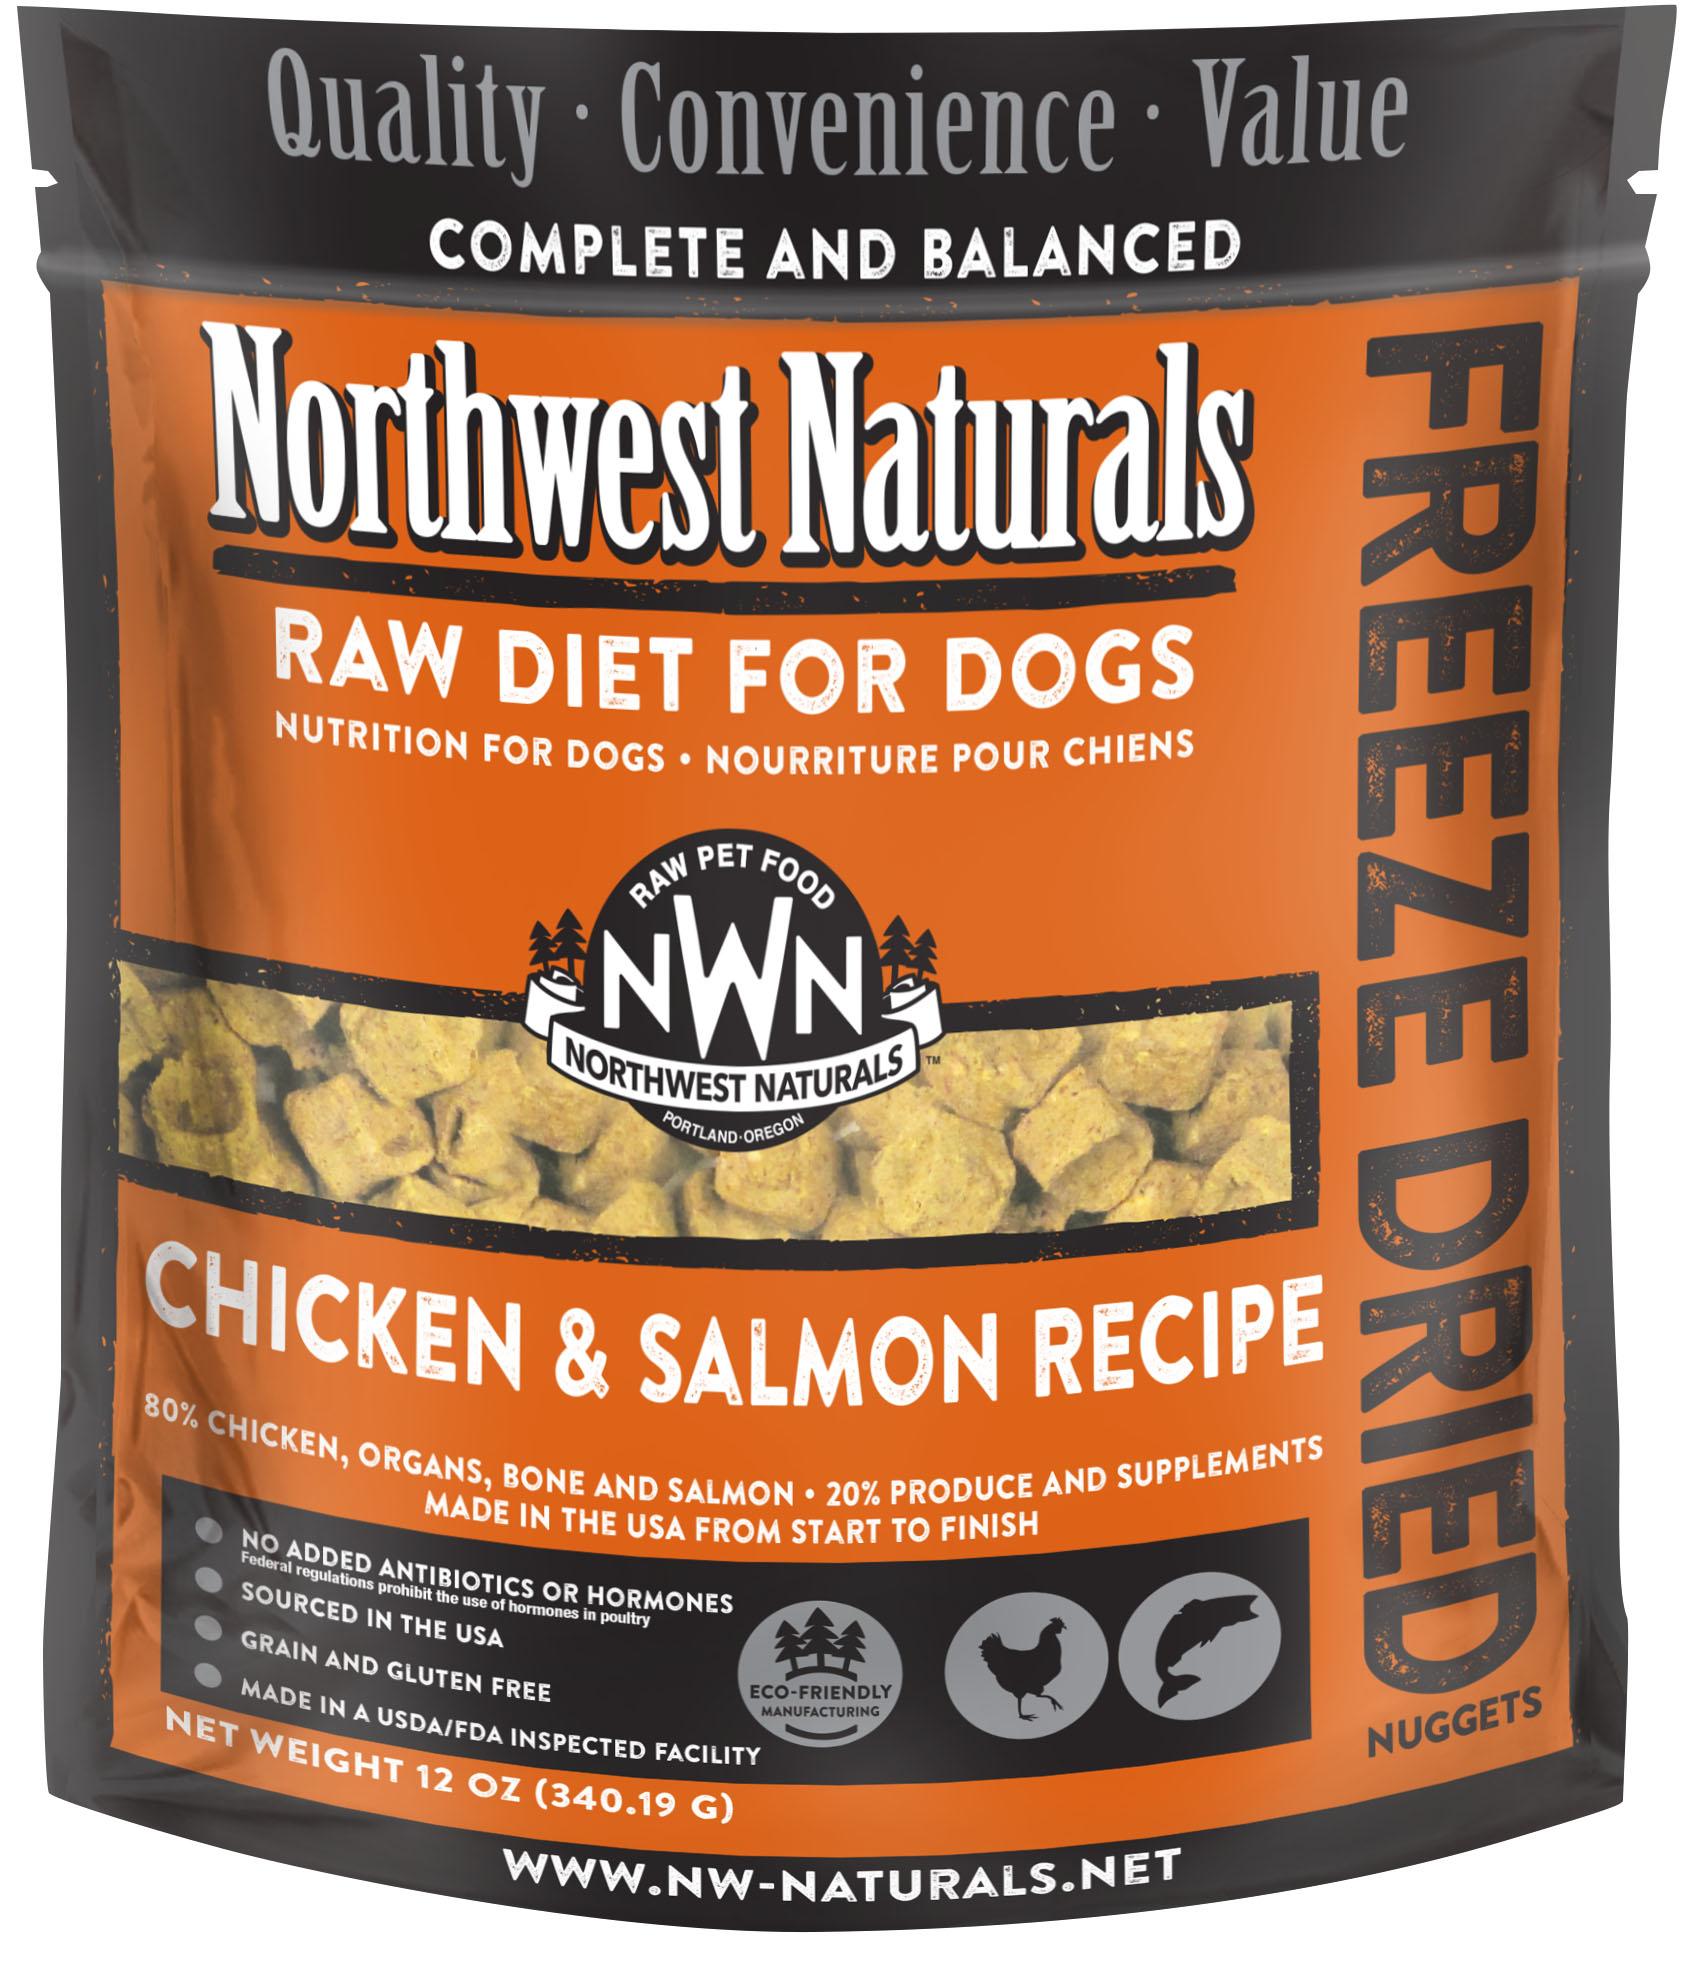 Northwest Naturals Dog Food Online